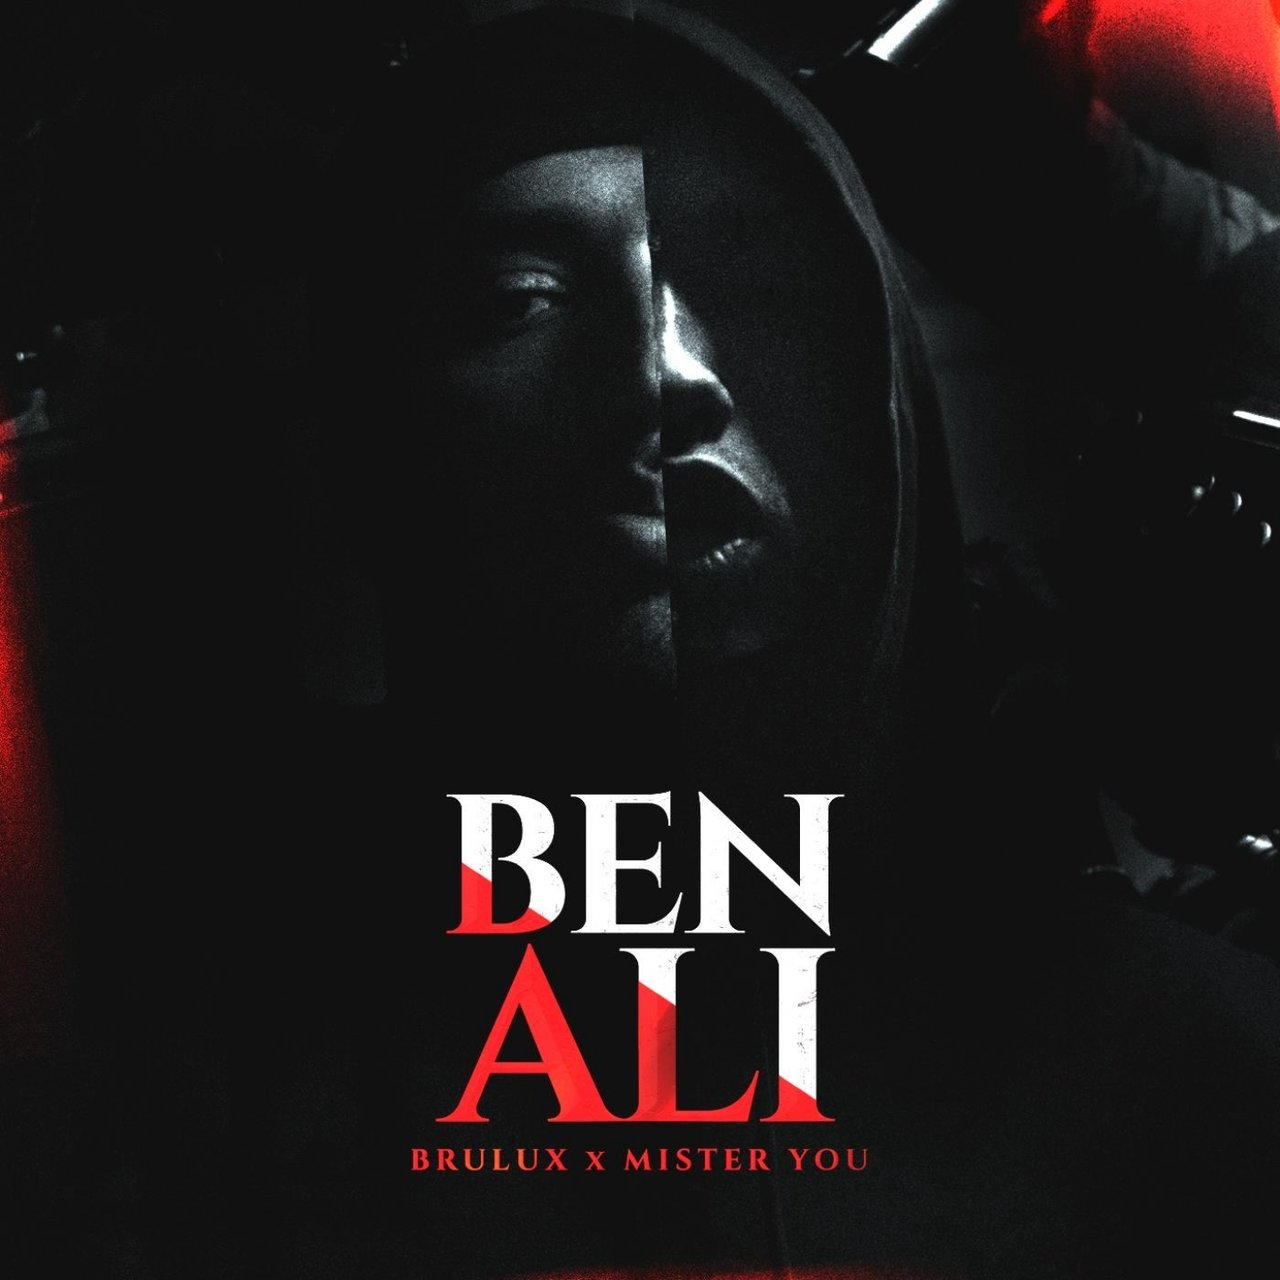 Brulux - Ben Ali (ft. Mister You) (Cover)